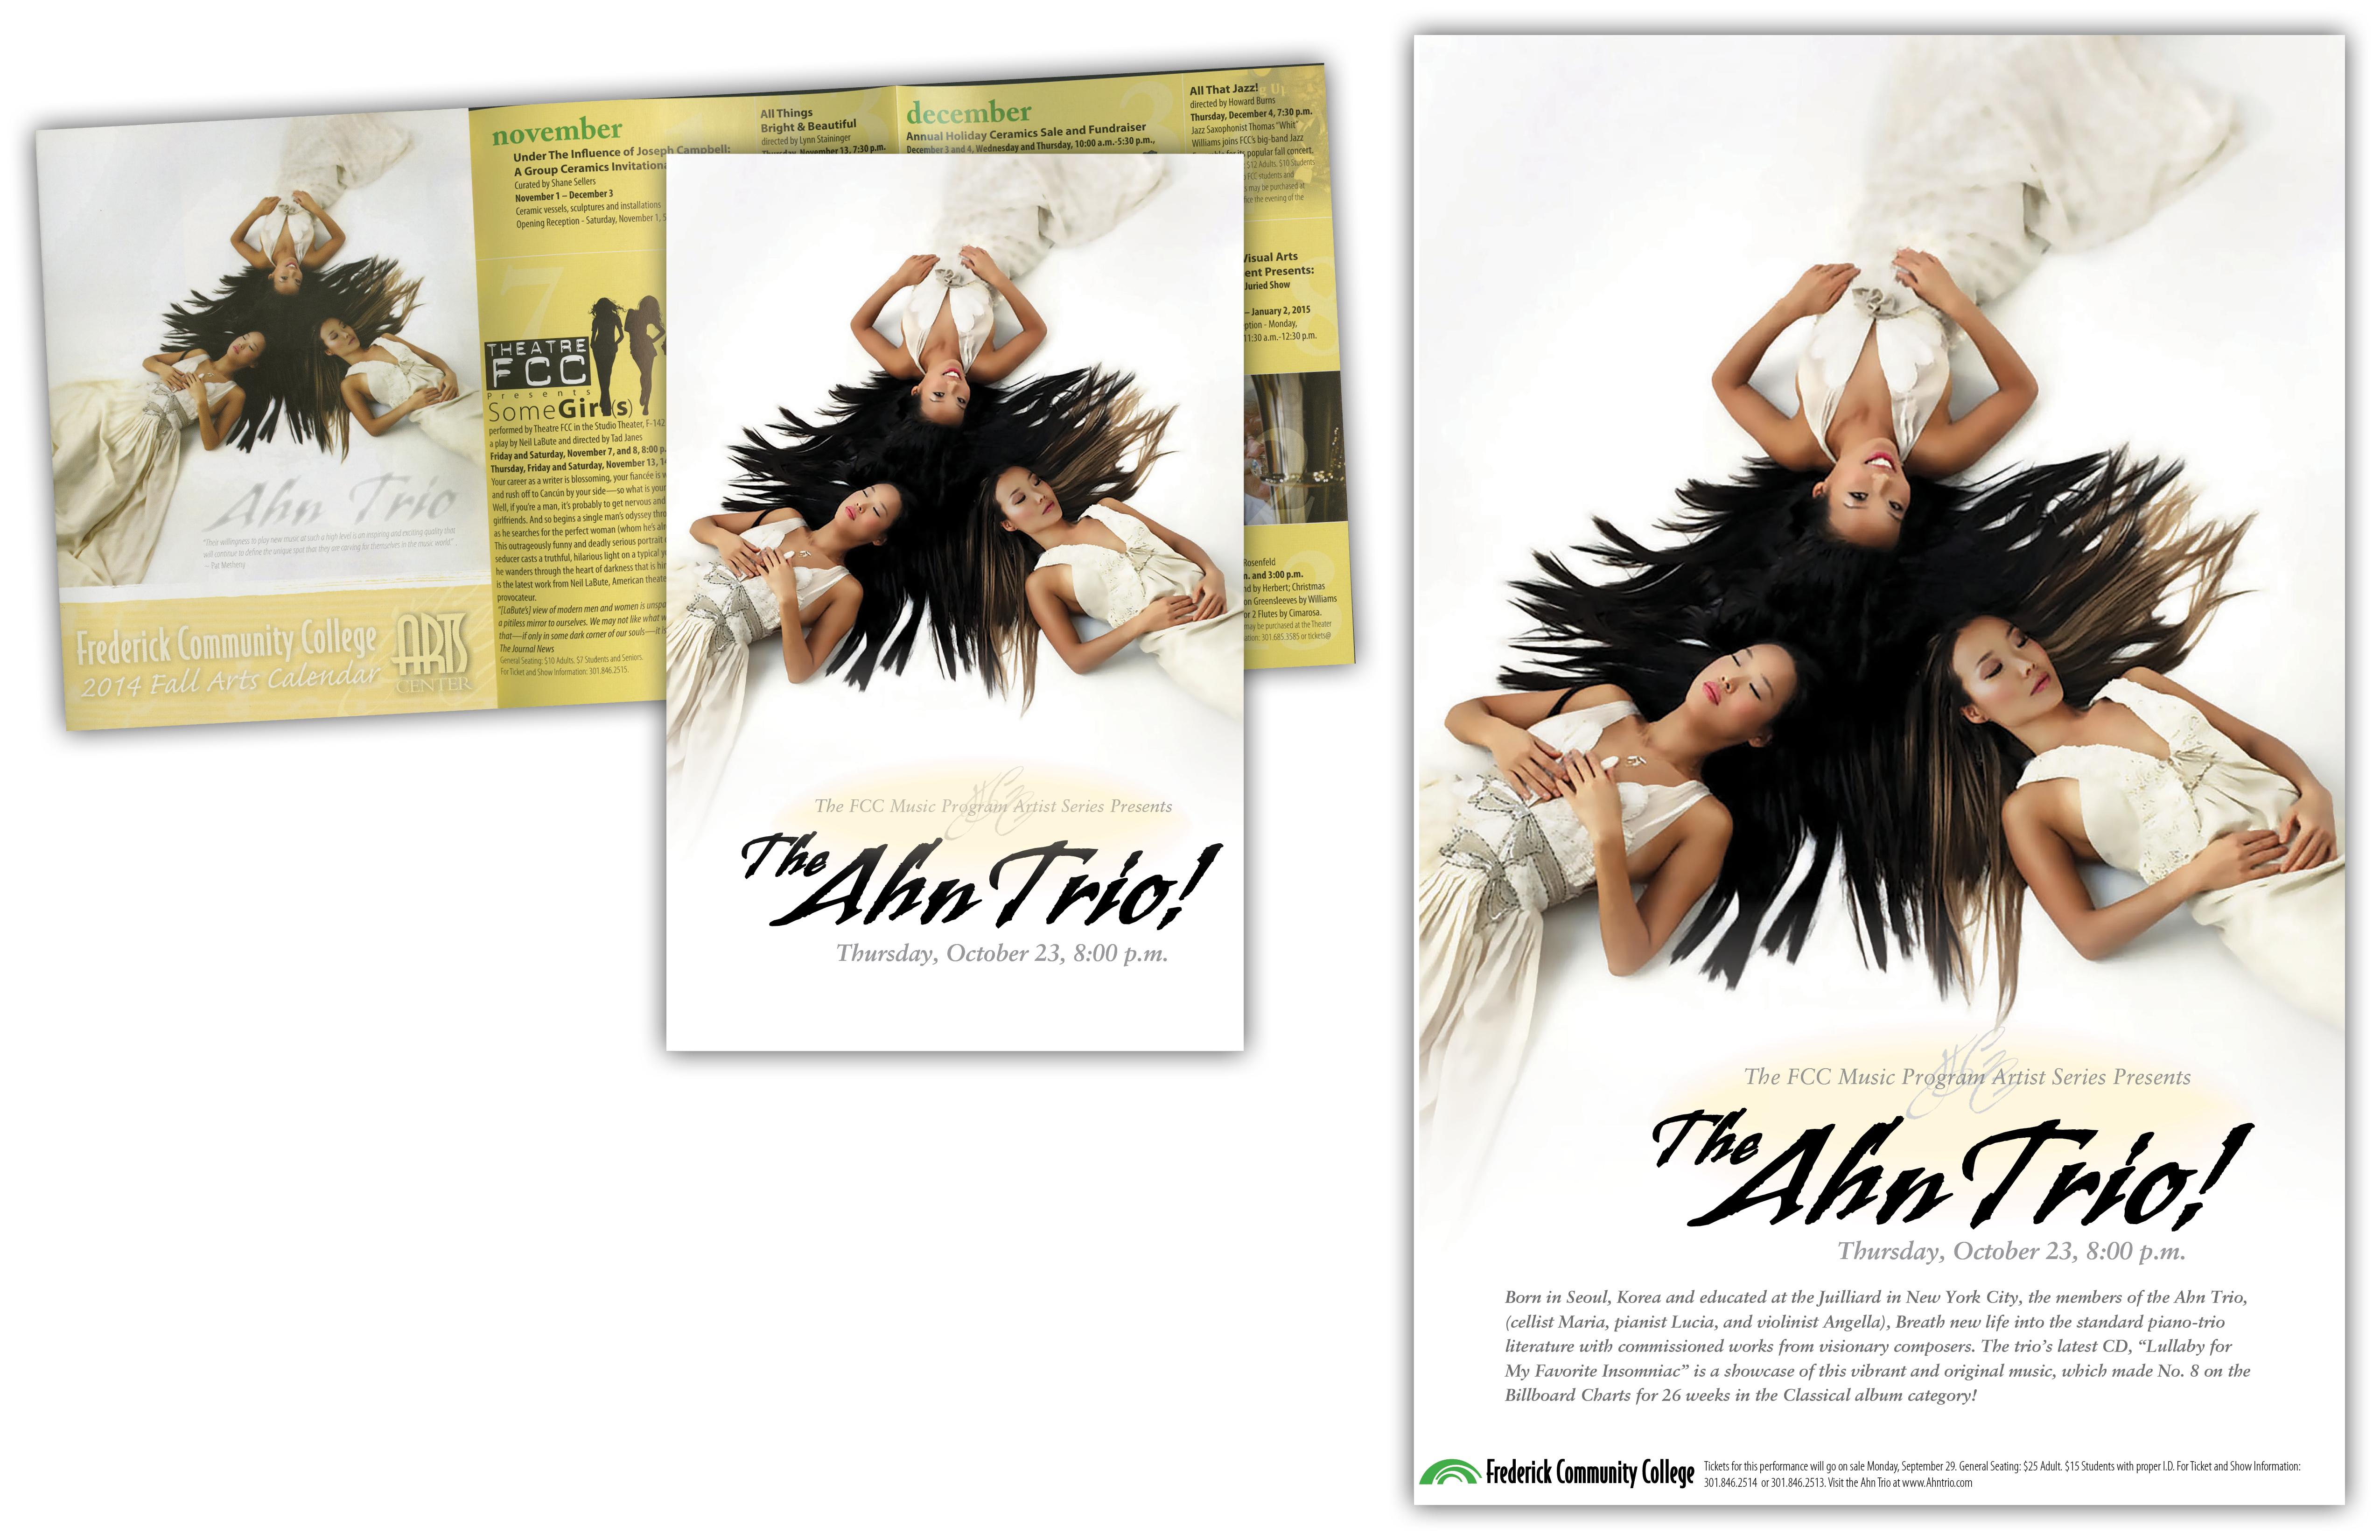 Ahn Trio Campaign